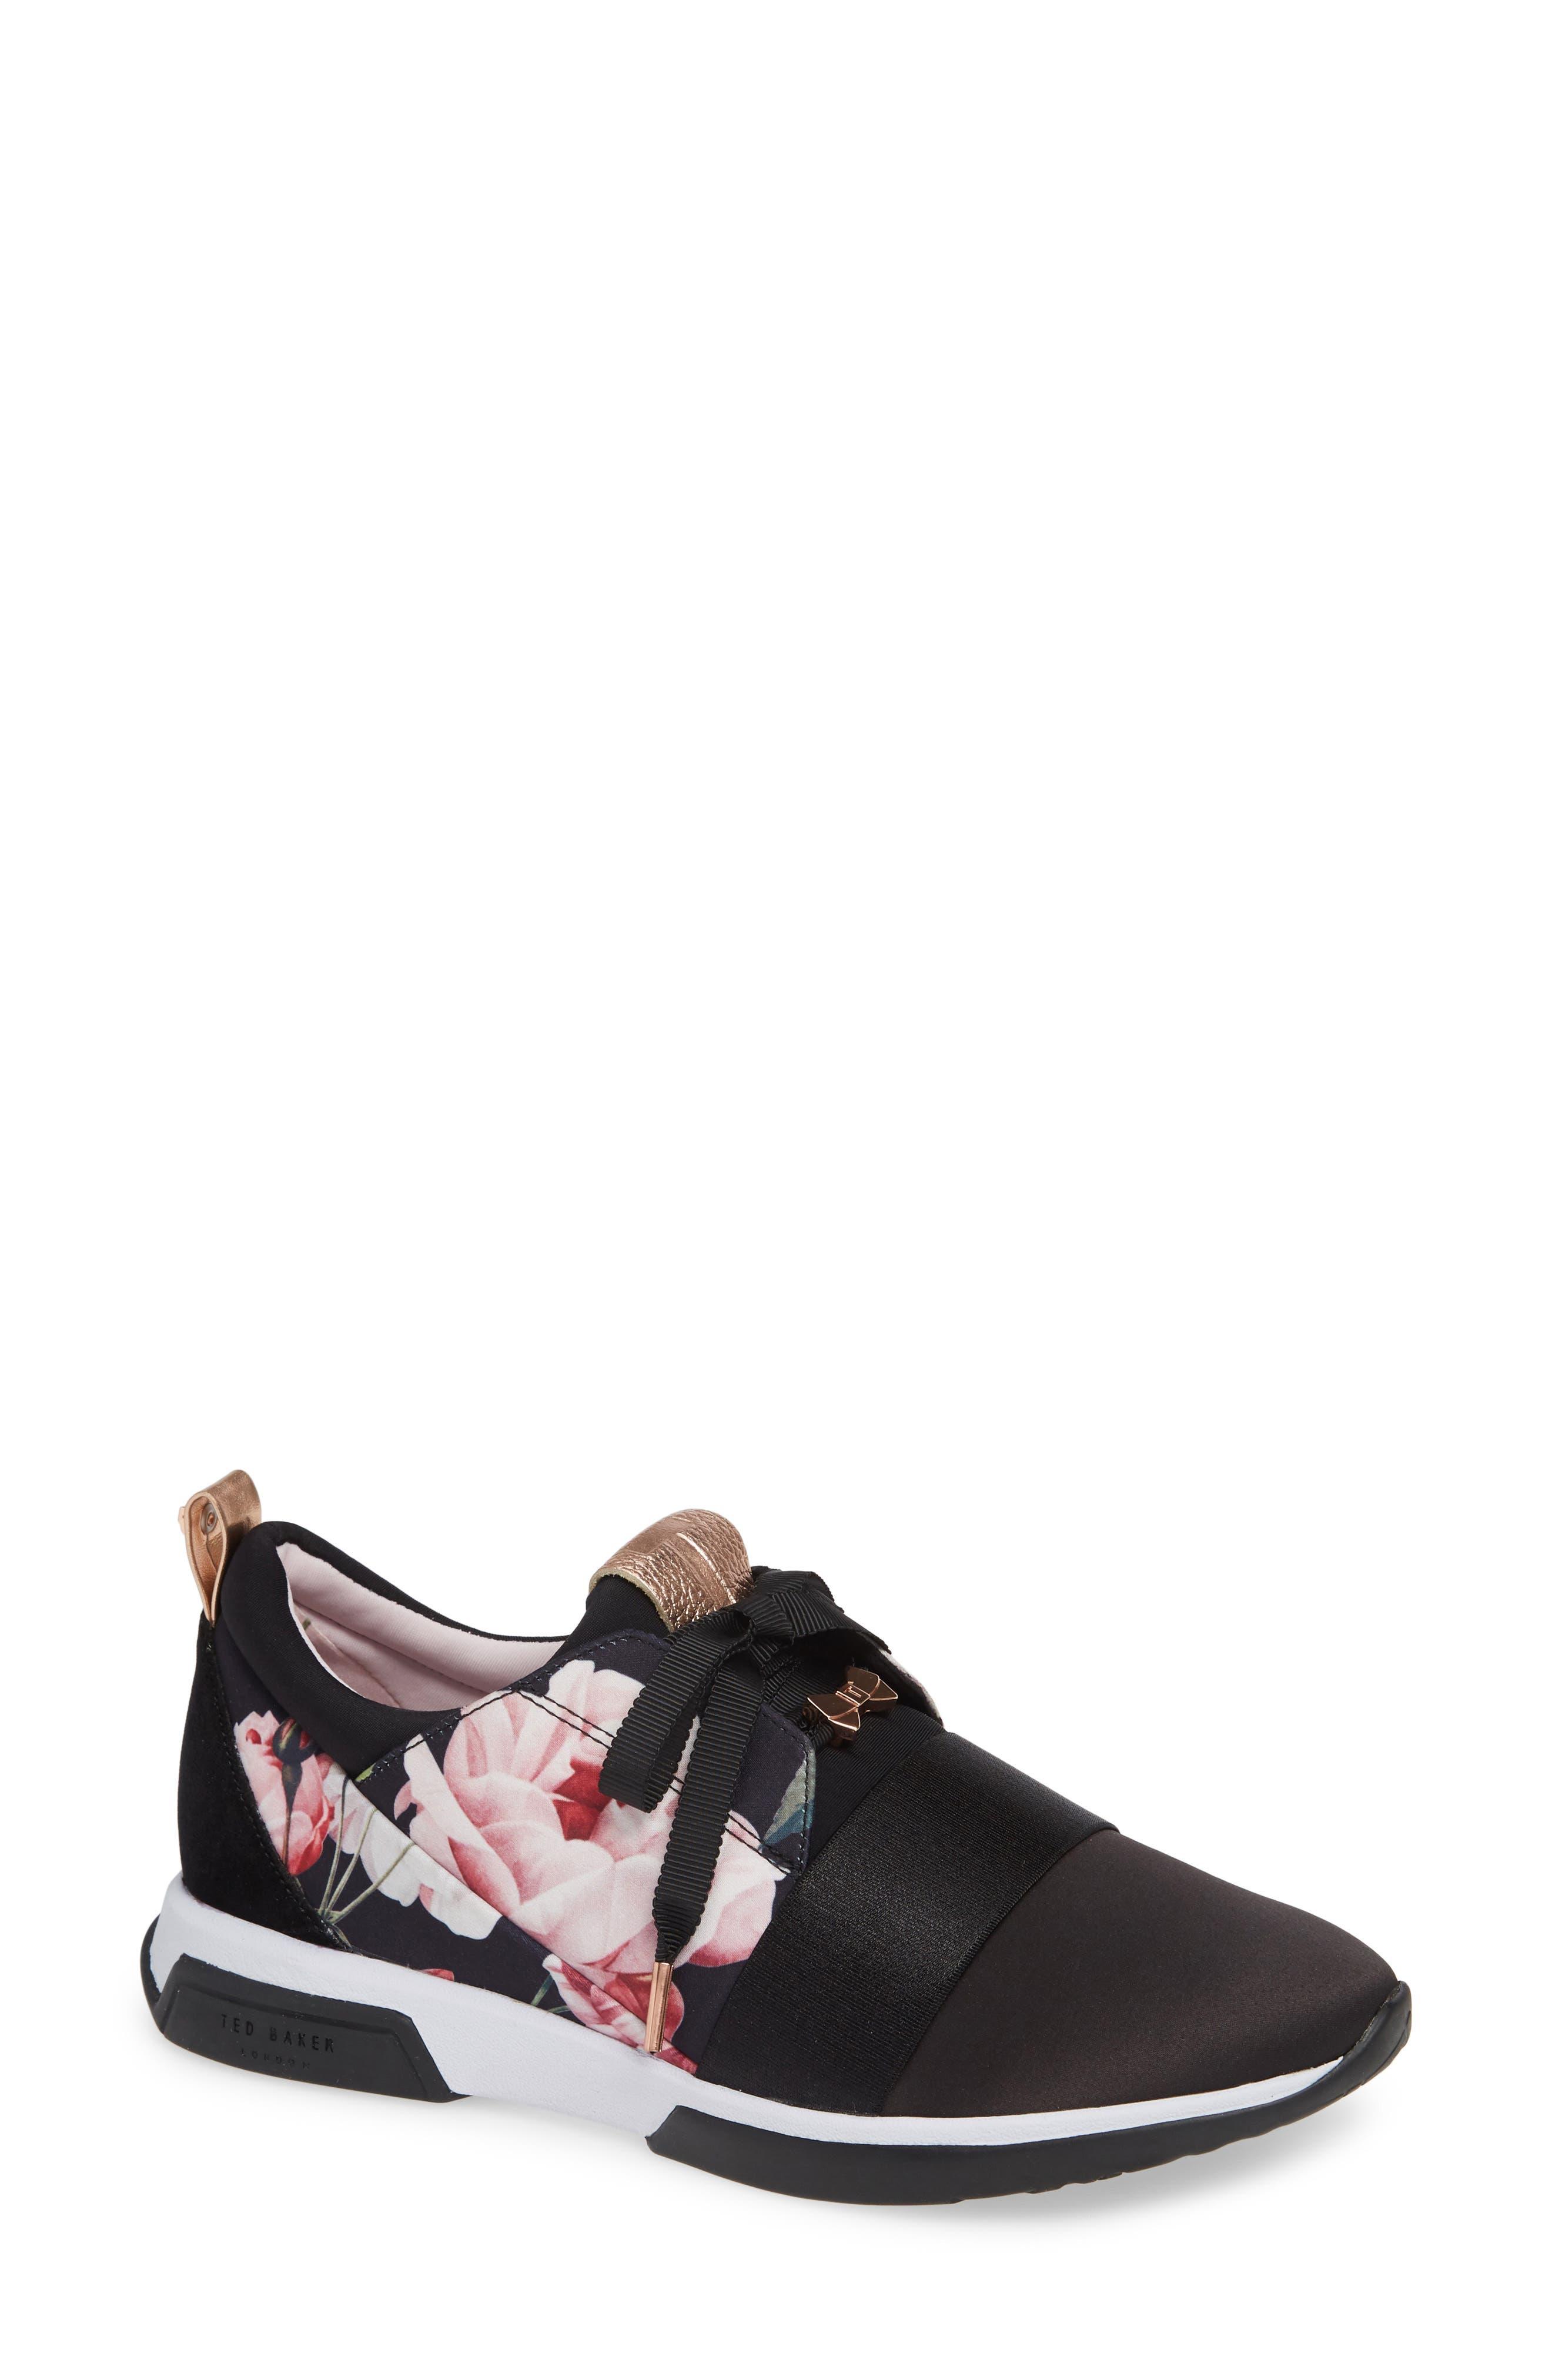 Cepap 2 Sneaker, Main, color, 001